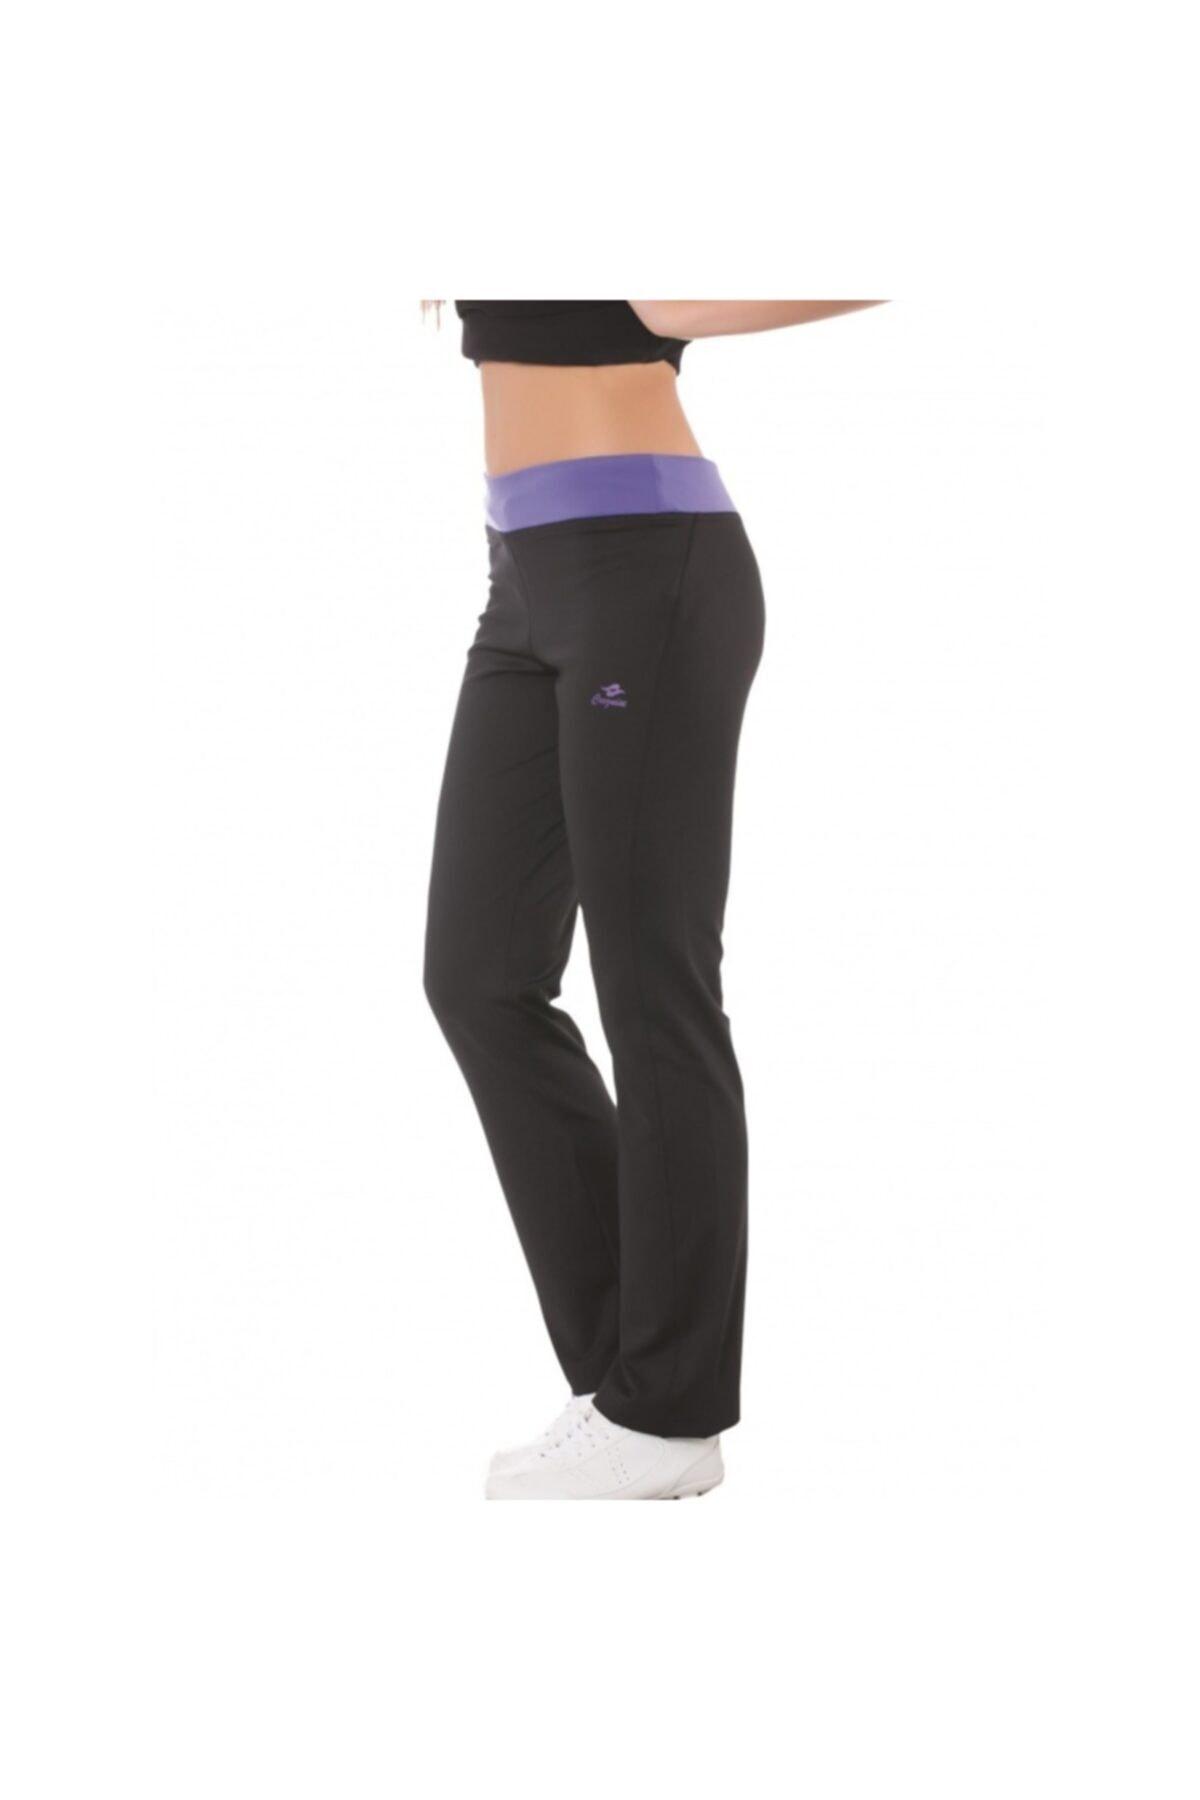 Crozwise Kadın Siyah Regular-fit Spor Pantolon  2101 1